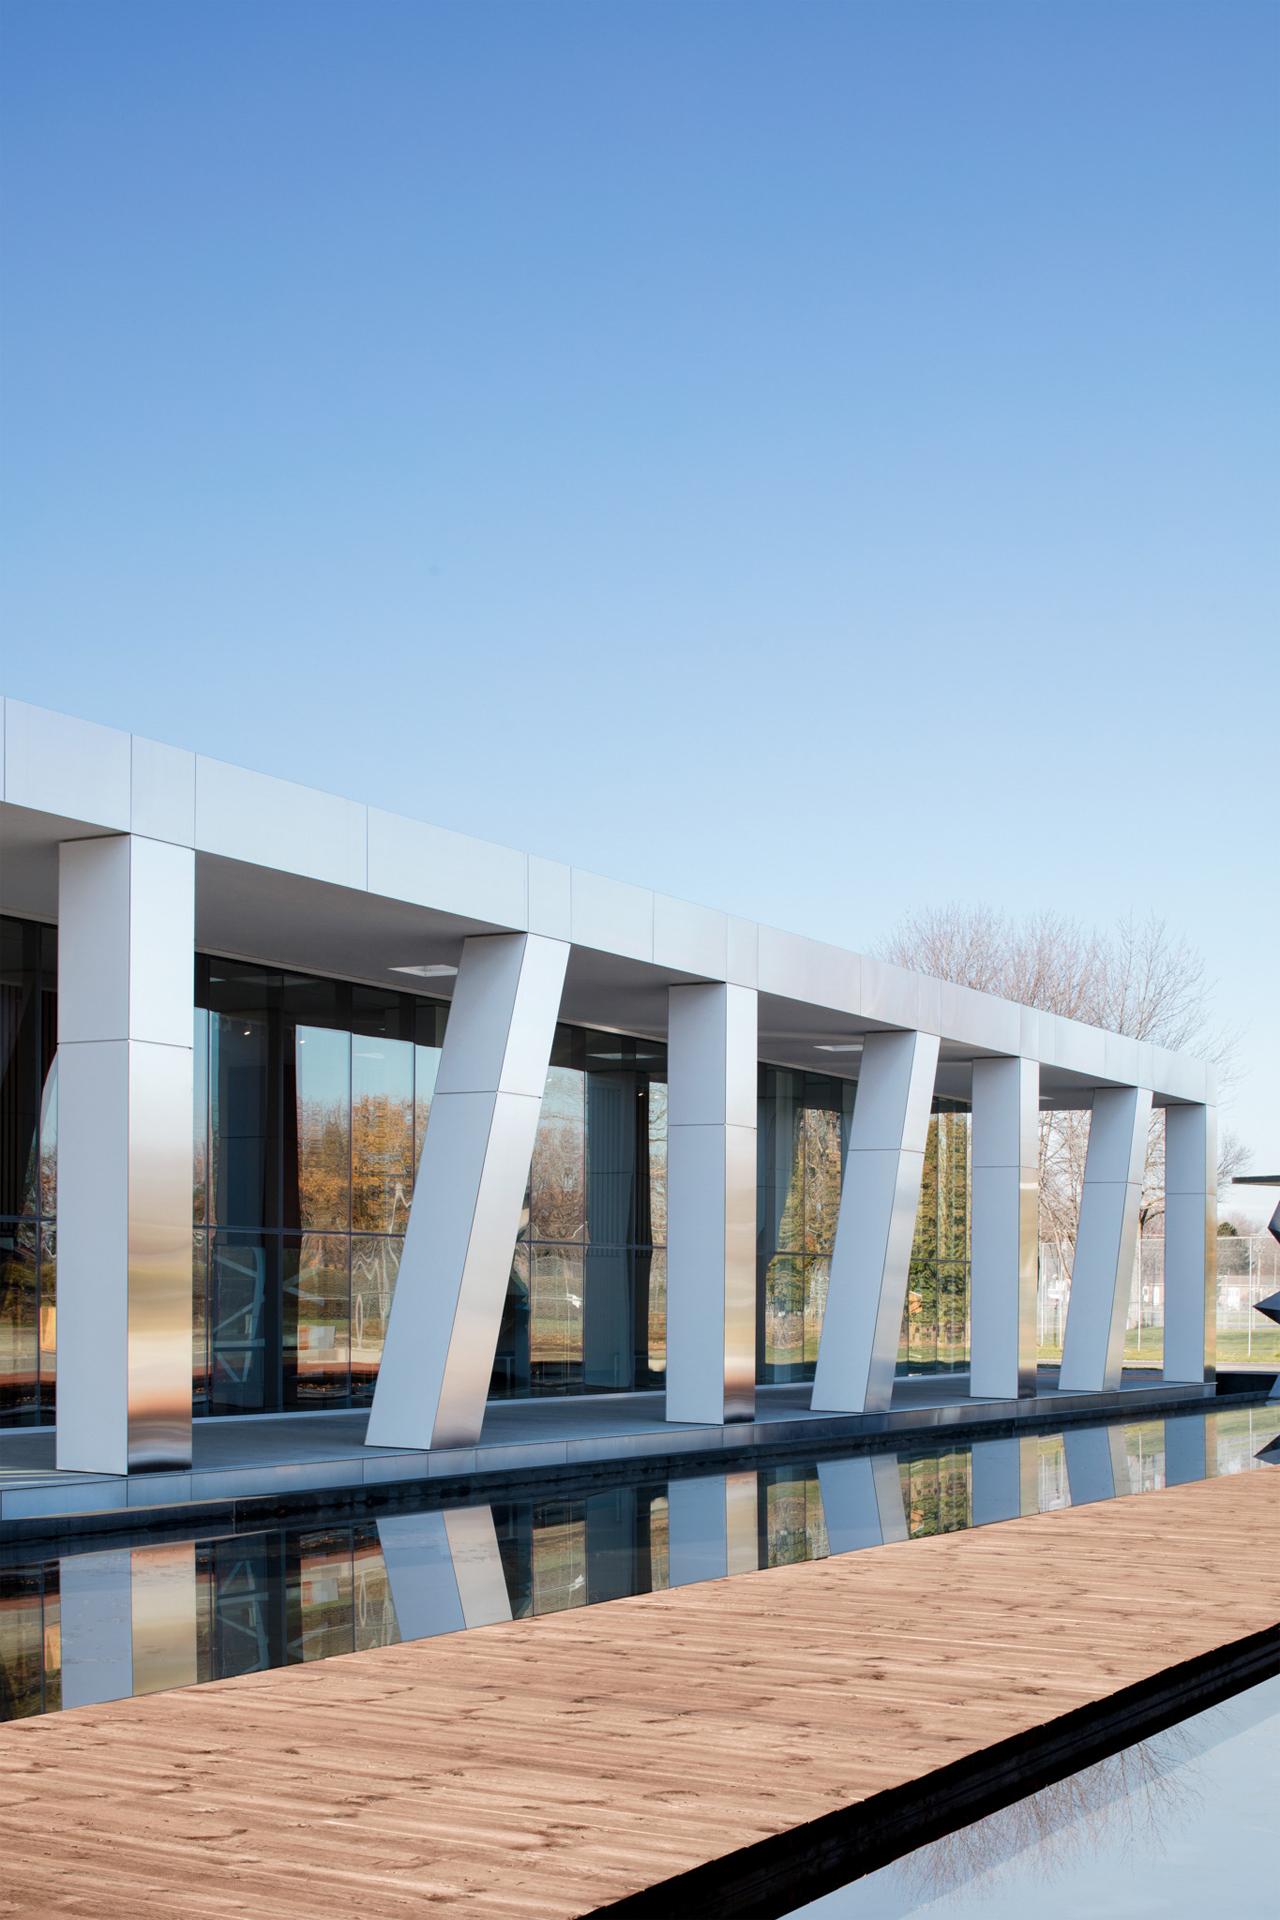 Centro de arte diane dufresne por acdf architecture for Acdf architecture